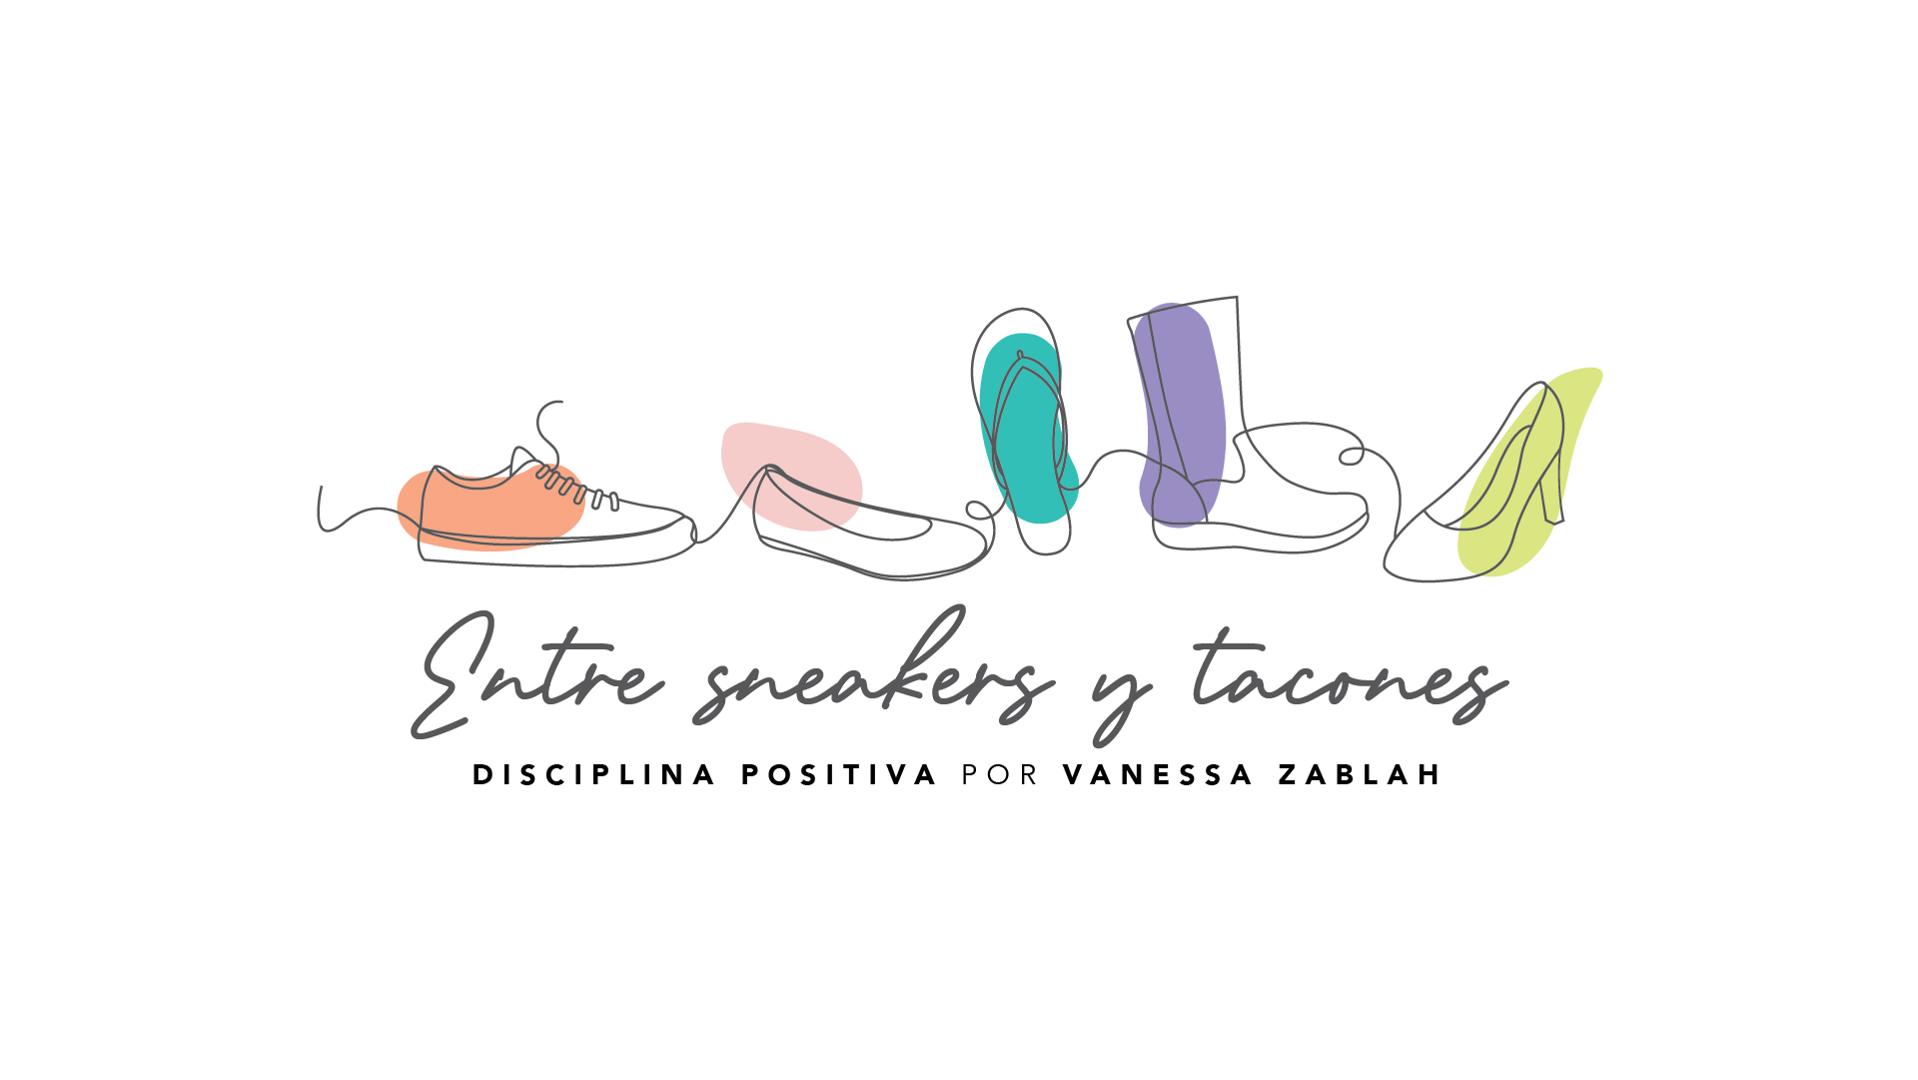 Entre Sneakers y Tacones